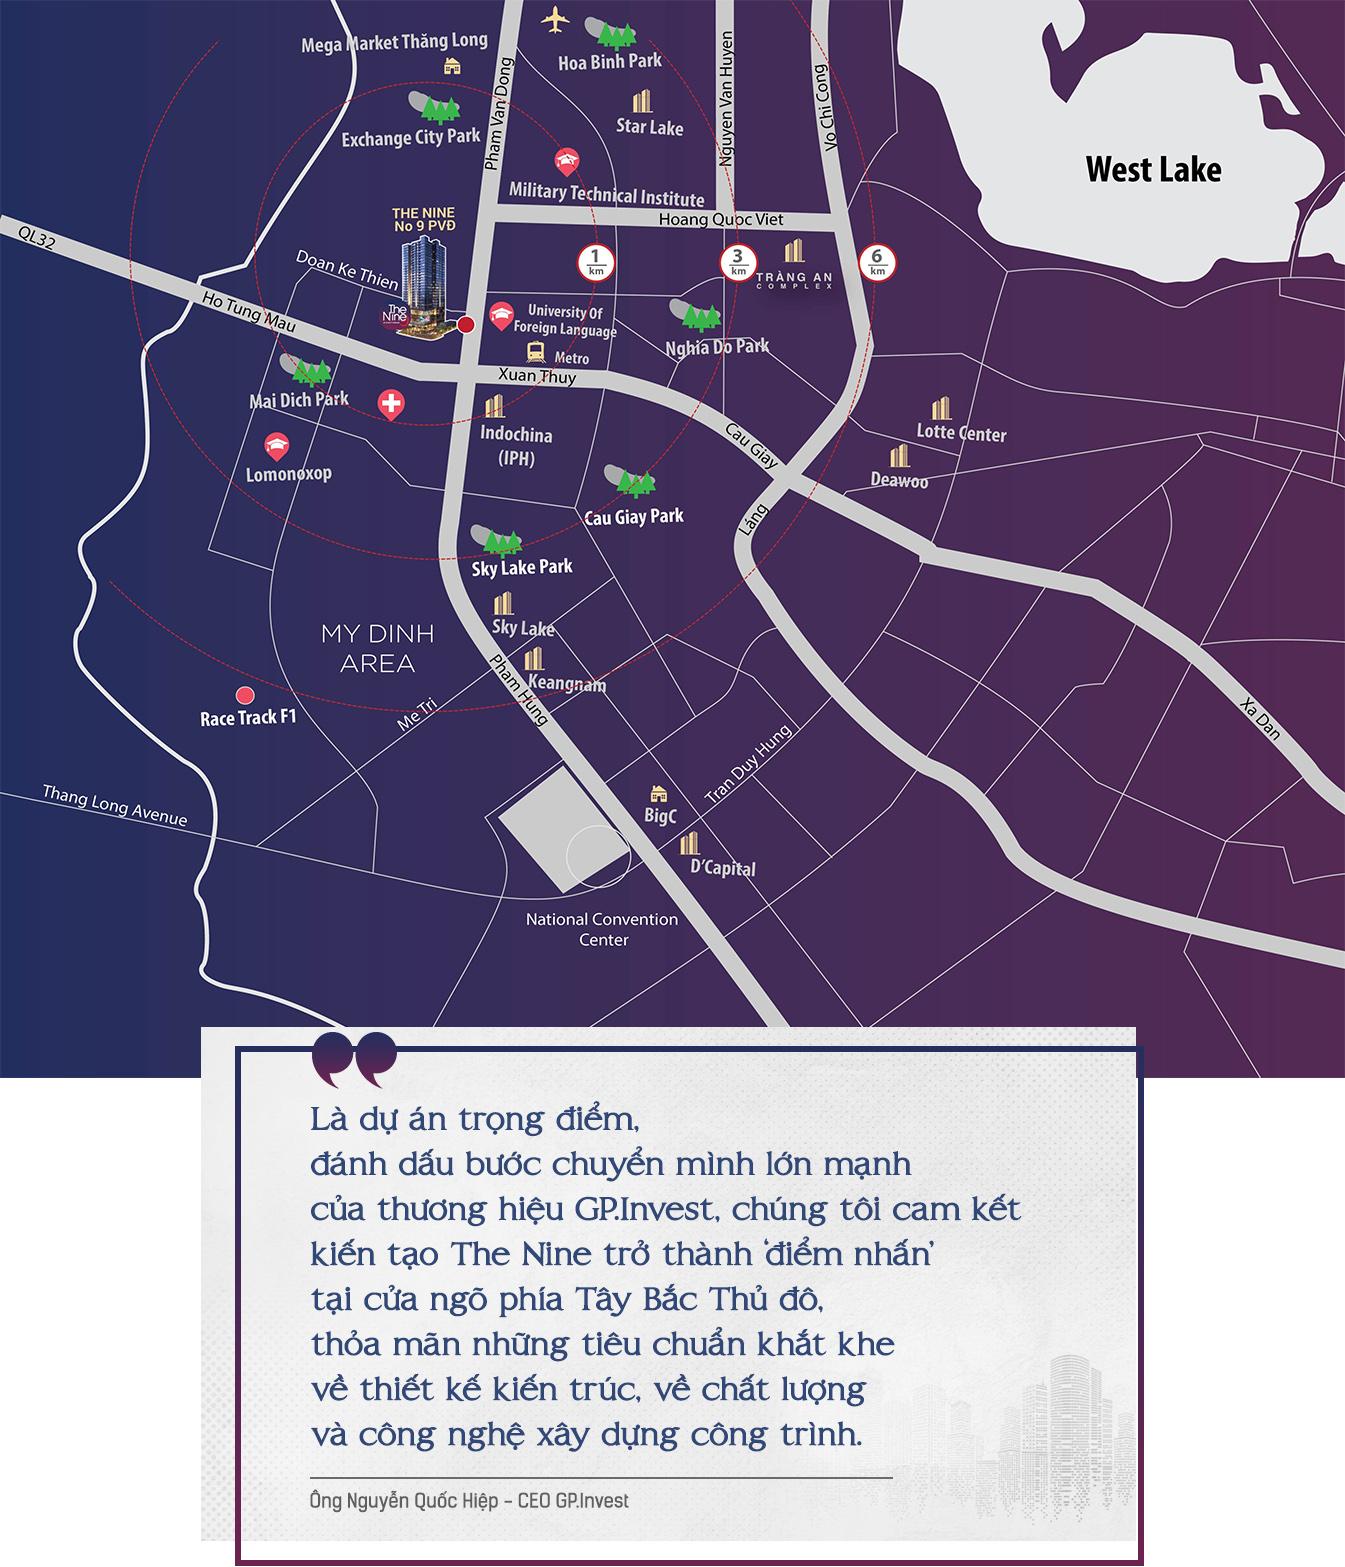 Bộ mặt mới bất động sản Tây Hà Nội sau một thập kỷ 9